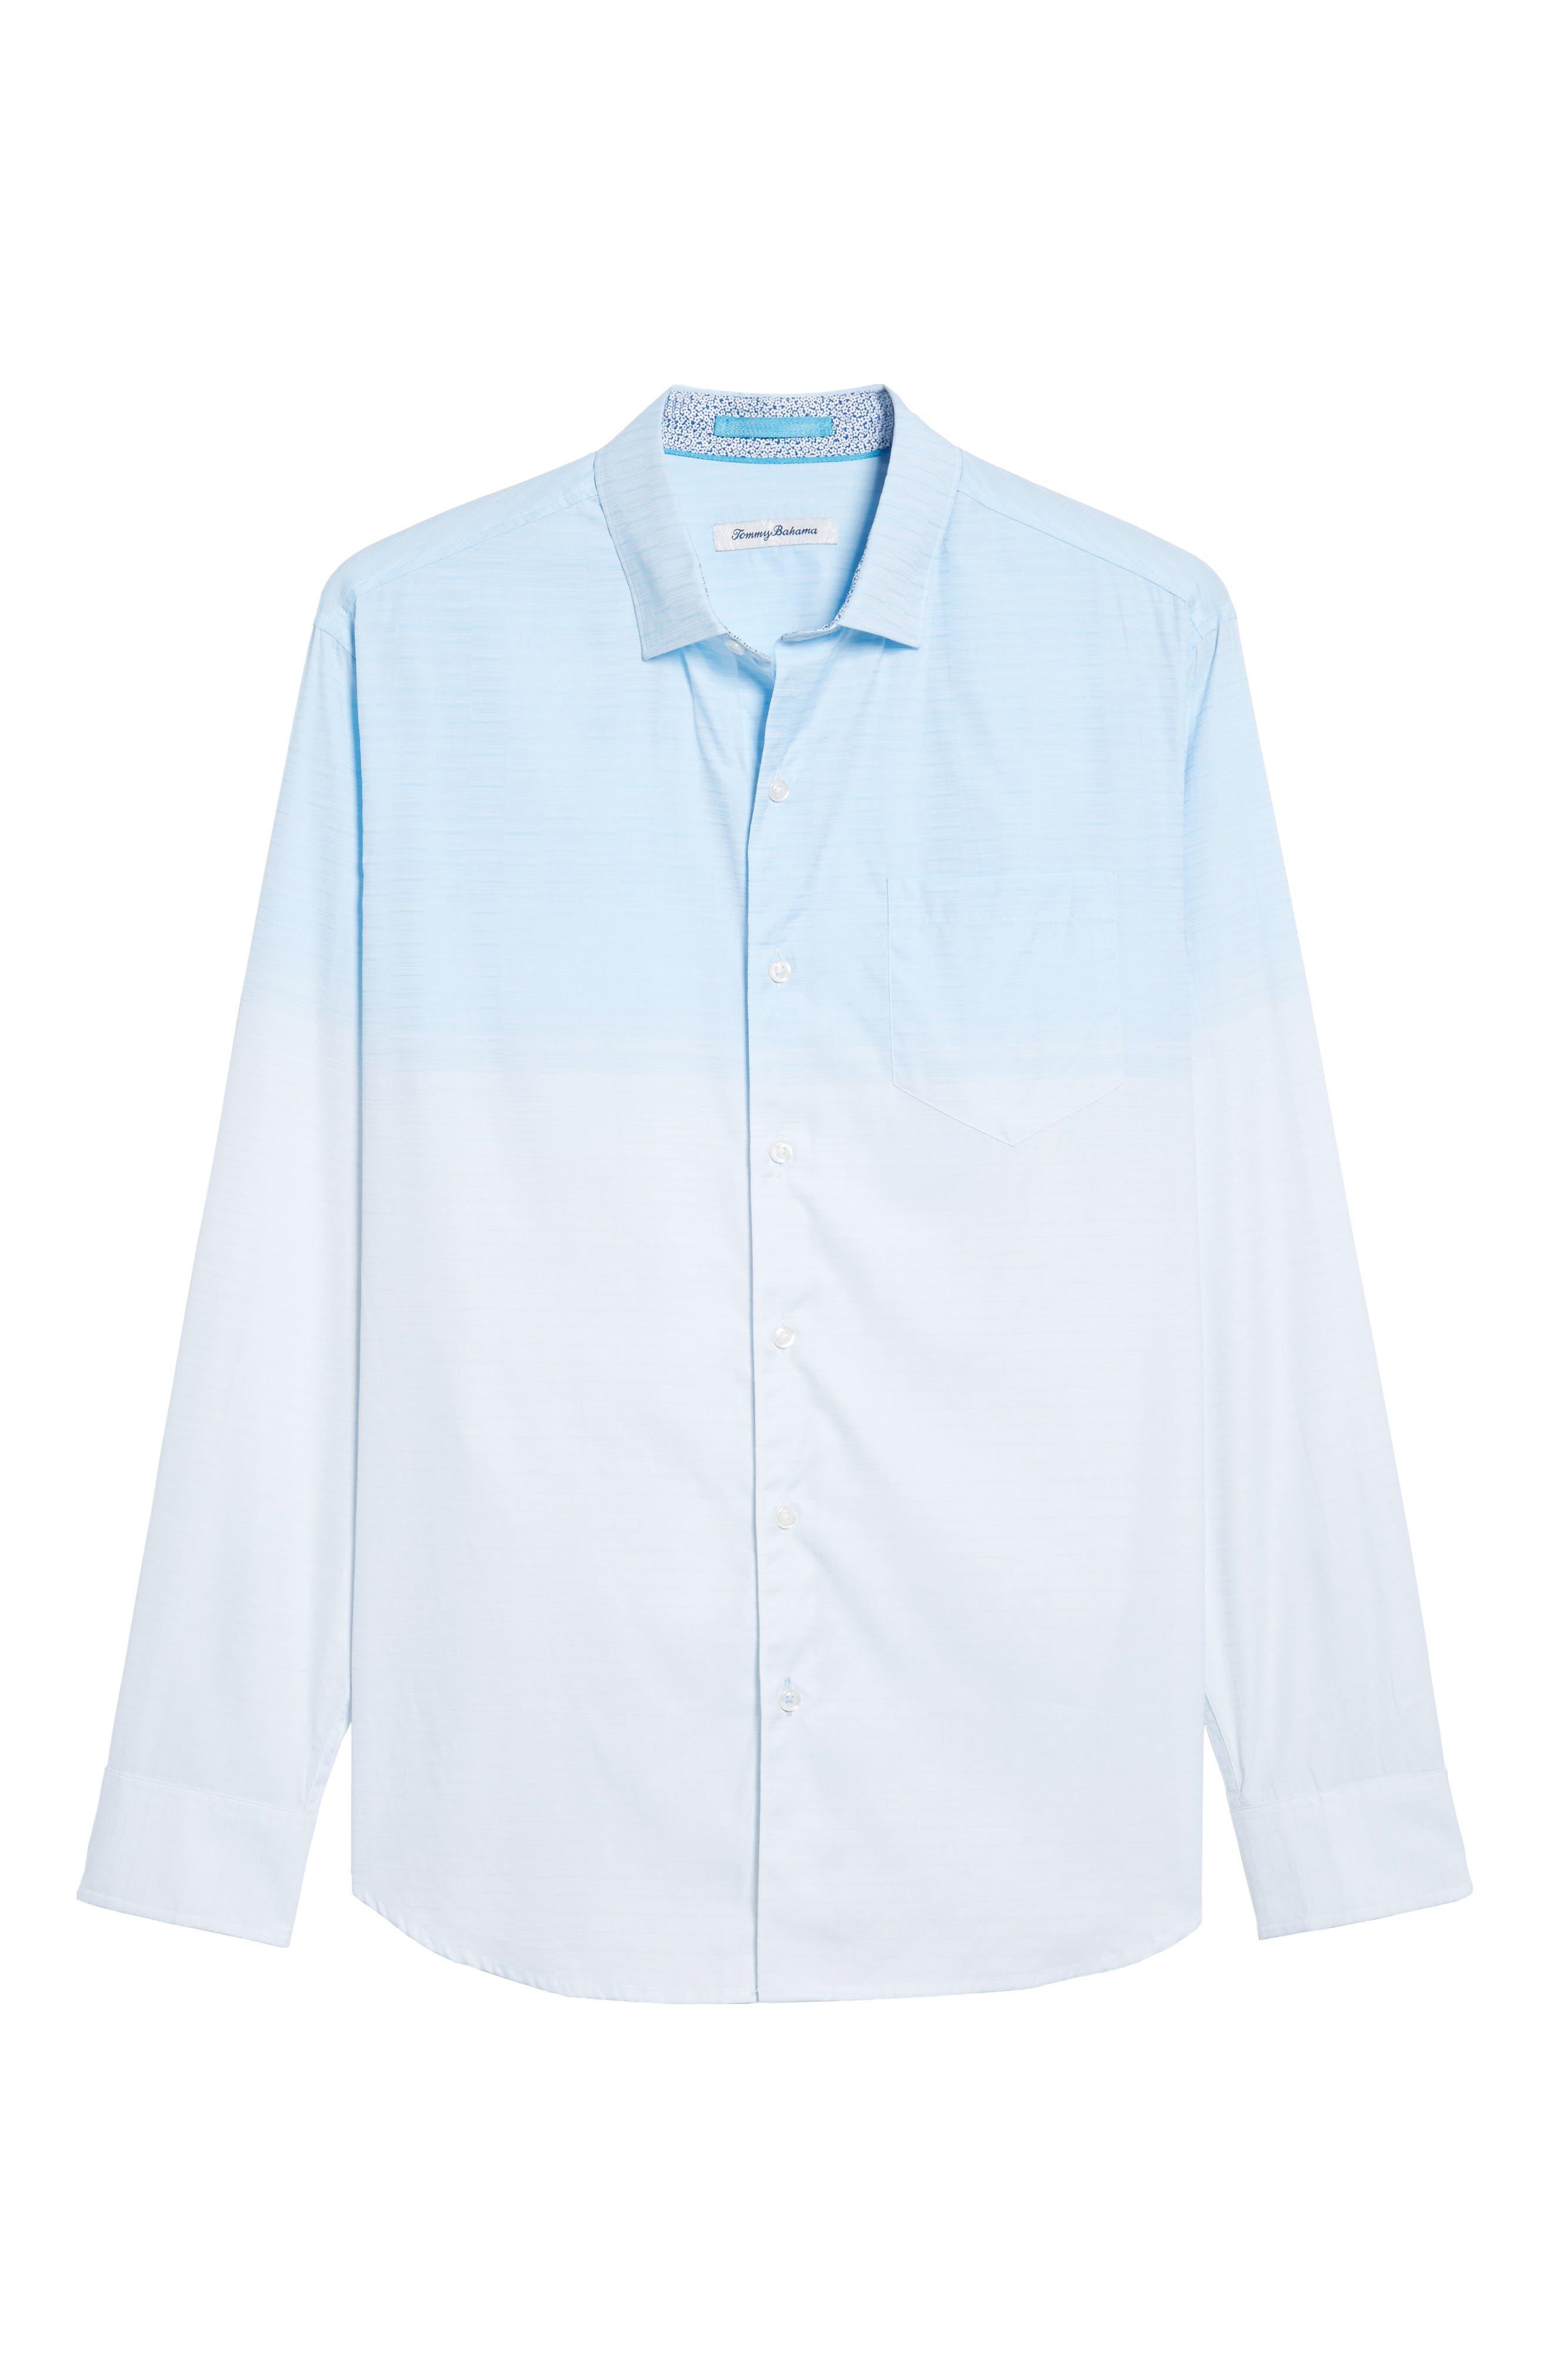 Palm Bay Ombré Sport Shirt,                             Alternate thumbnail 6, color,                             400